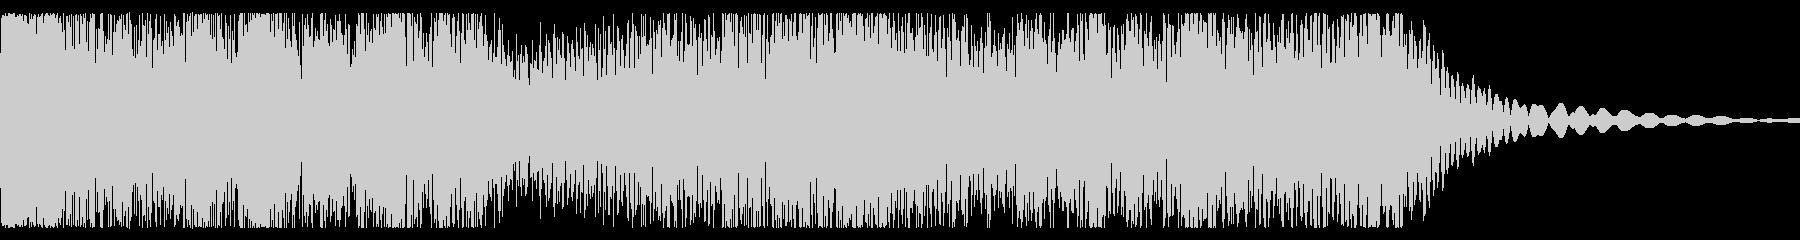 エナジーコア、サーボエレクトリック...の未再生の波形